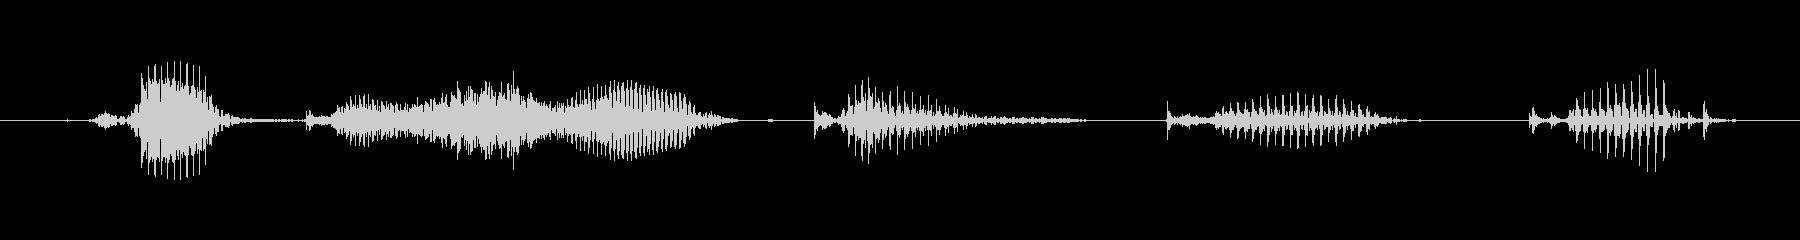 【日数・経過】6週間経過の未再生の波形